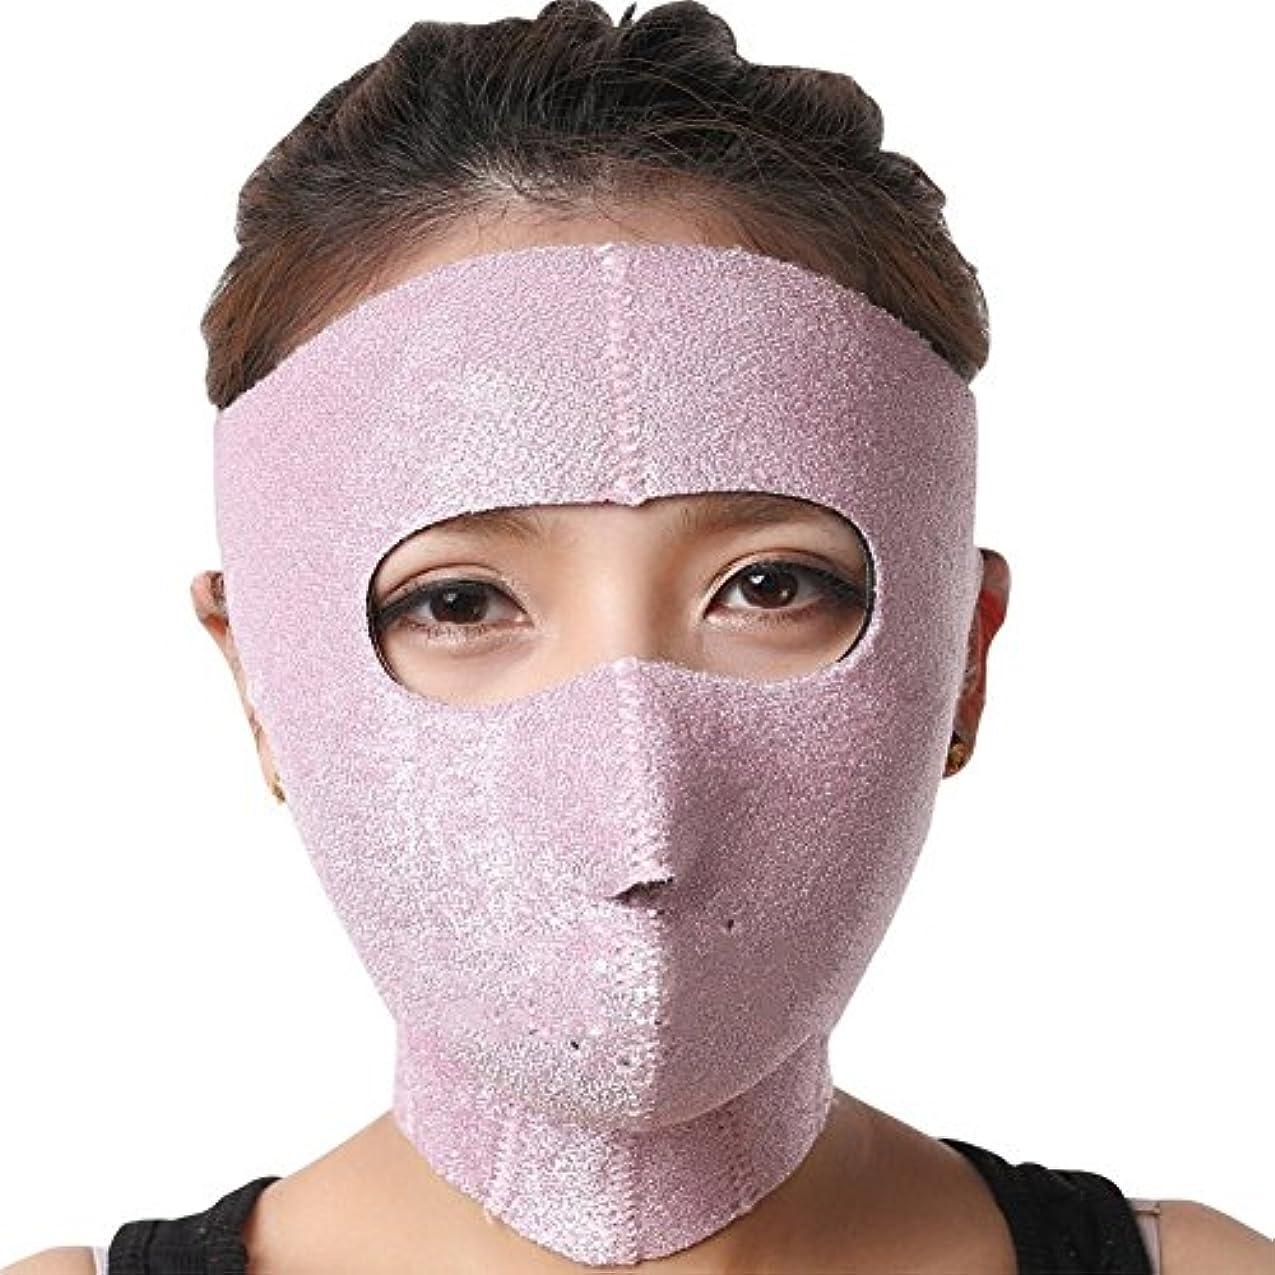 なめらか六失敗汗だくマスク 小顔 サウナ マスク 汗 発汗 フェイス 顔 TEC-KONARUD